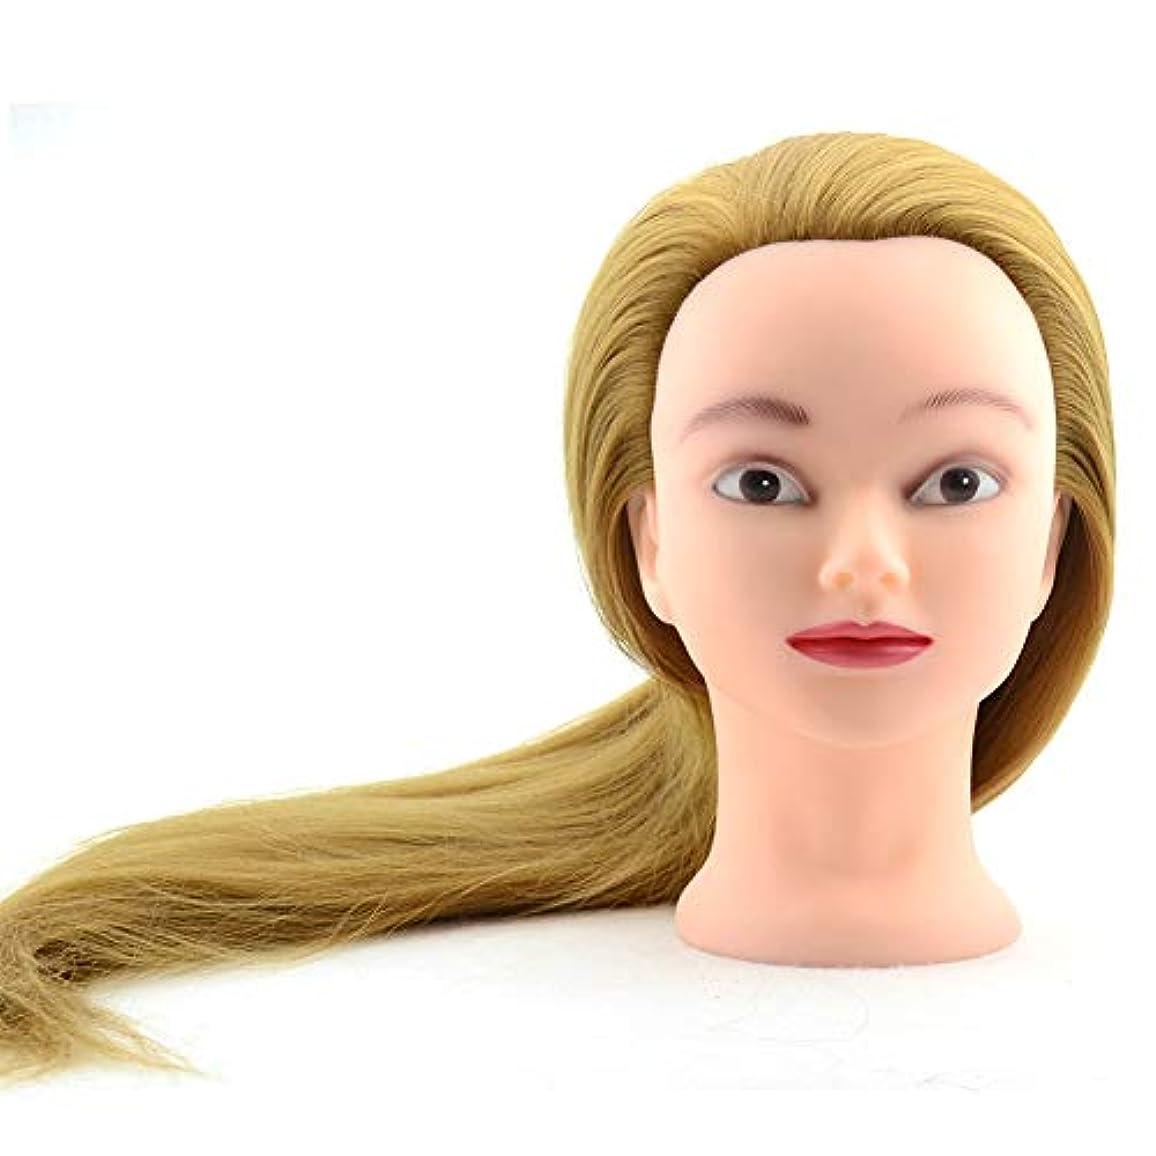 カセット離れたタイヤ化学繊維ウィッグモデルヘッド理髪店学習ゴールデンヘアーダミーヘッドブライダルメイクスタイリングエクササイズヘッドモード